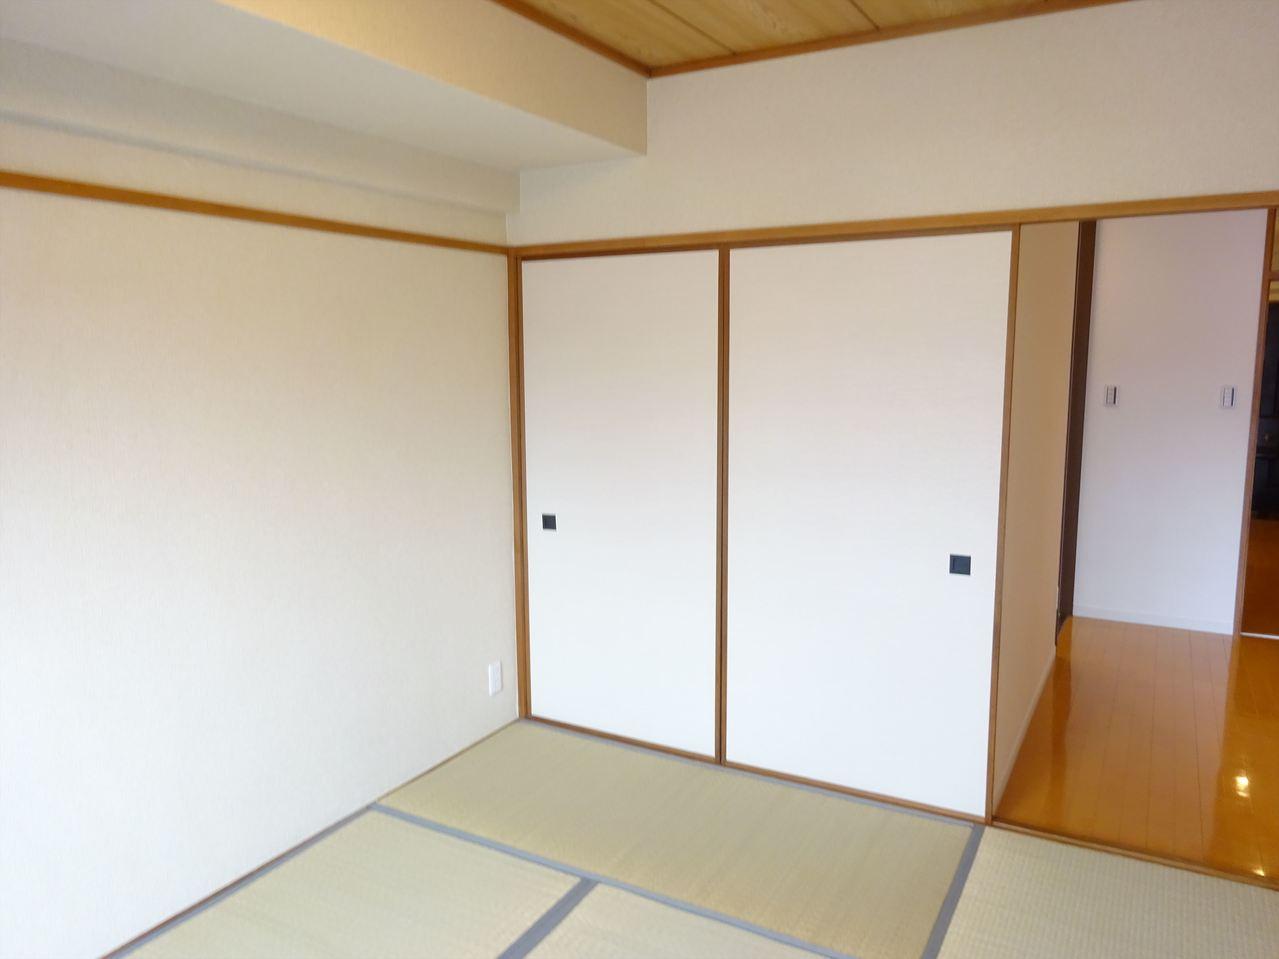 い草の香りに癒される和室♪日本の伝統を感じられる落ち着いた空間です♪